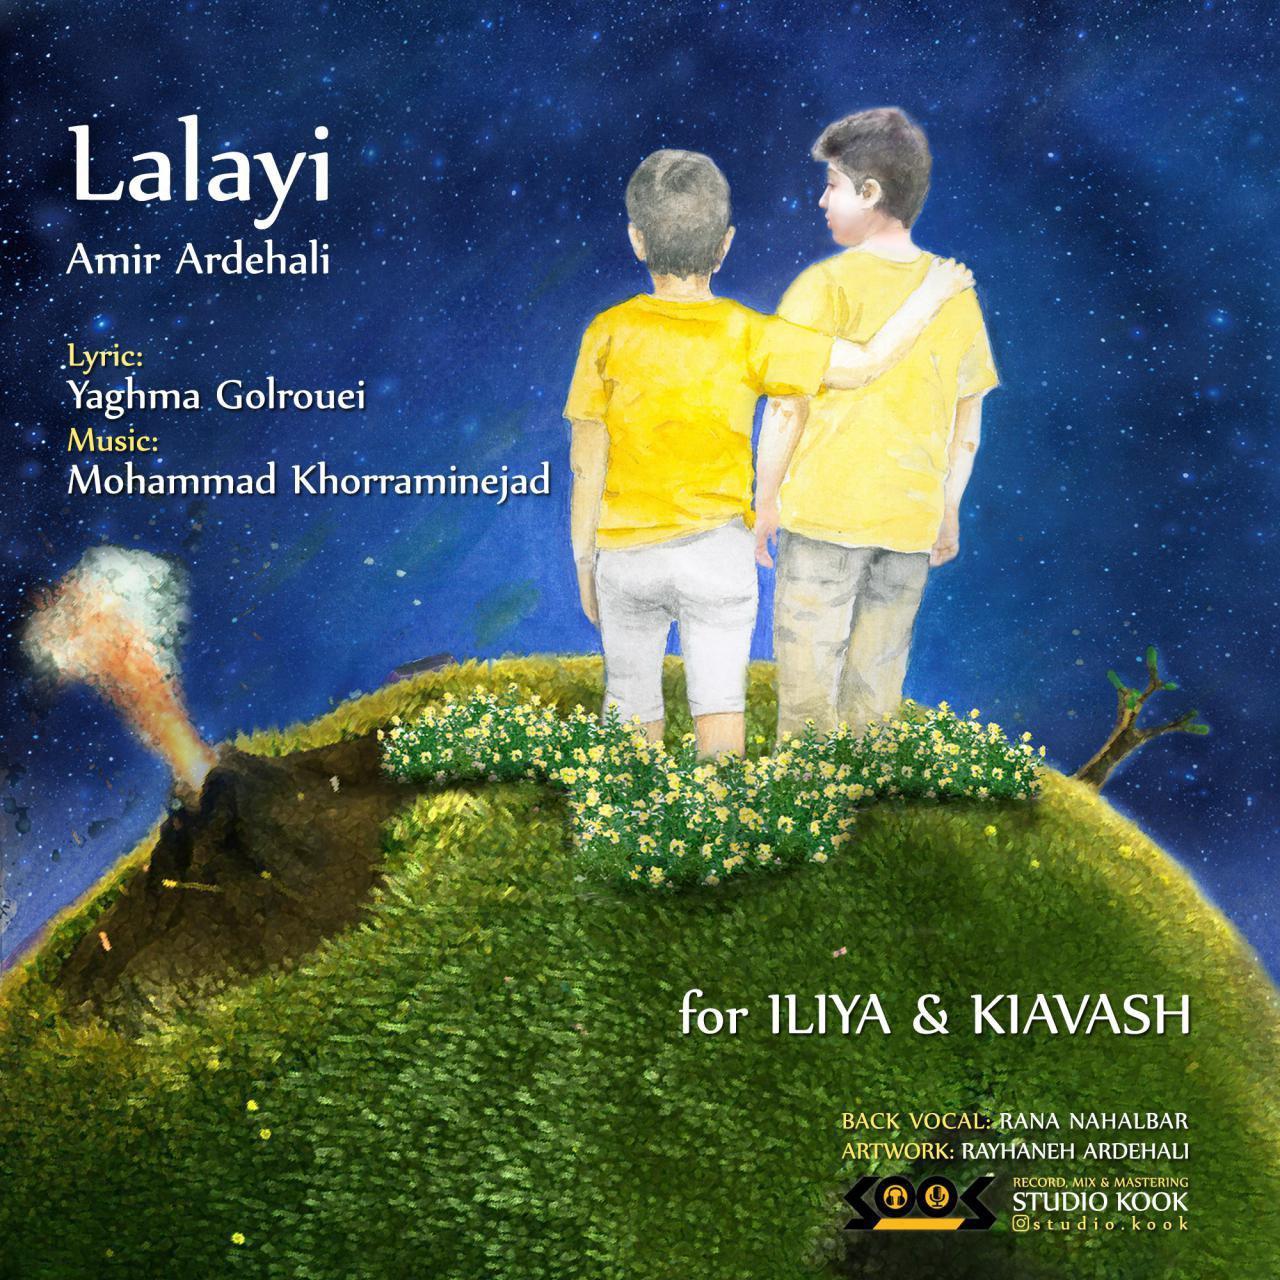 Amir Ardehali – Lalayi